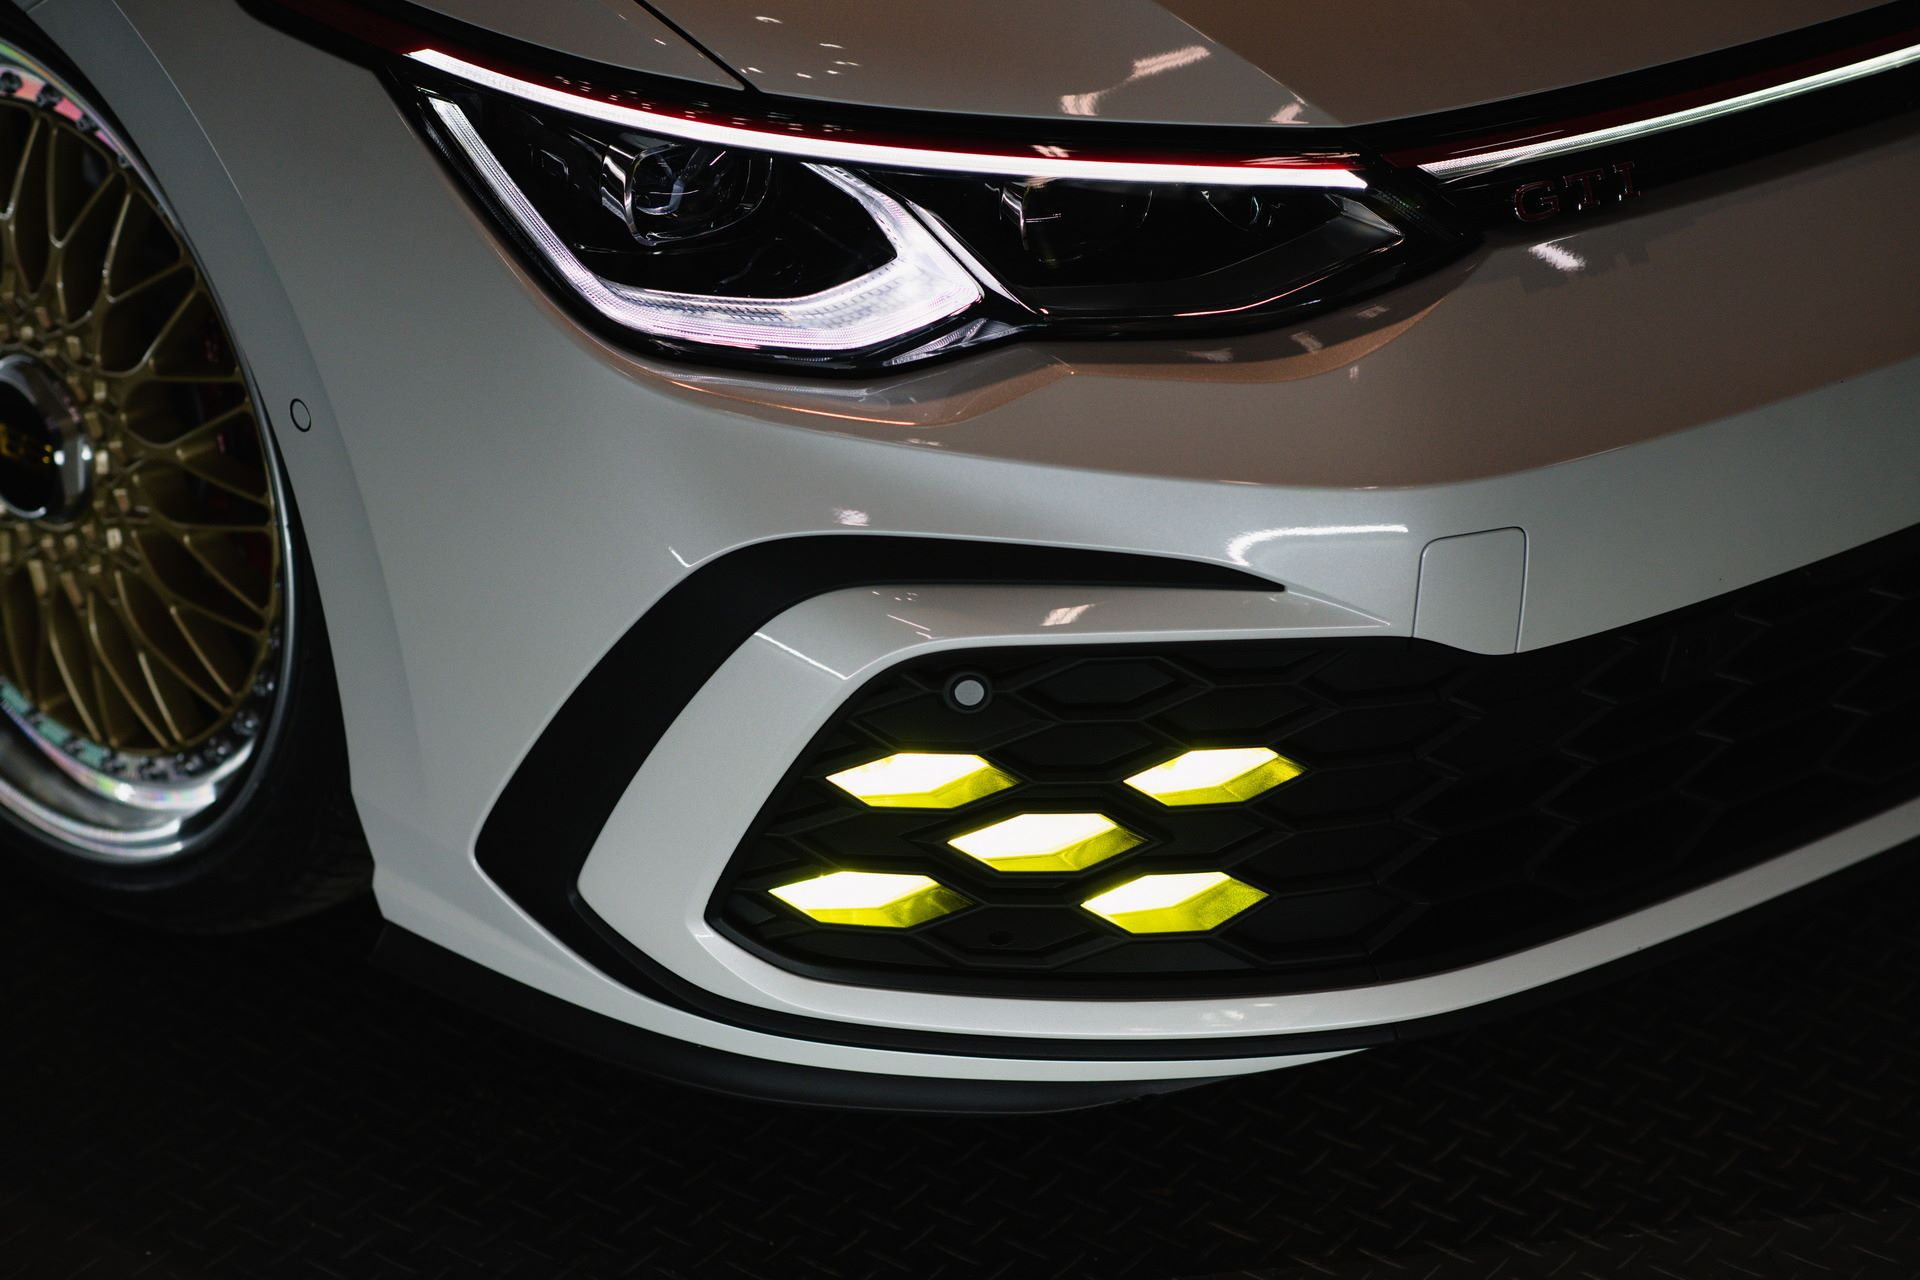 Volkswagen-Golf-GTI-BBS-Concept-11